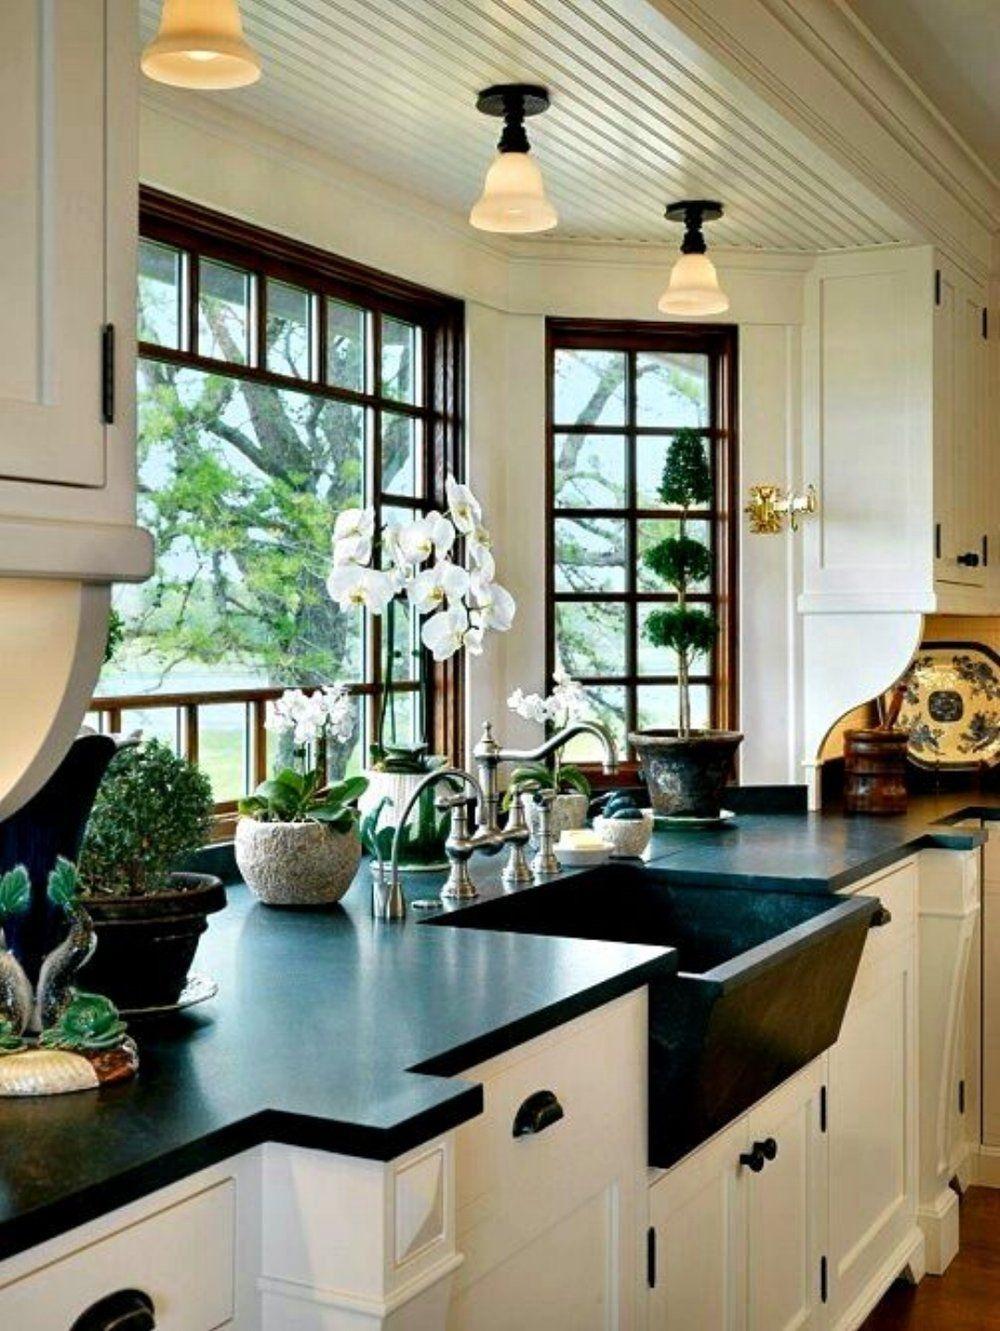 Window house design ideas   stunning kitchen designs in   kitchen design ideas